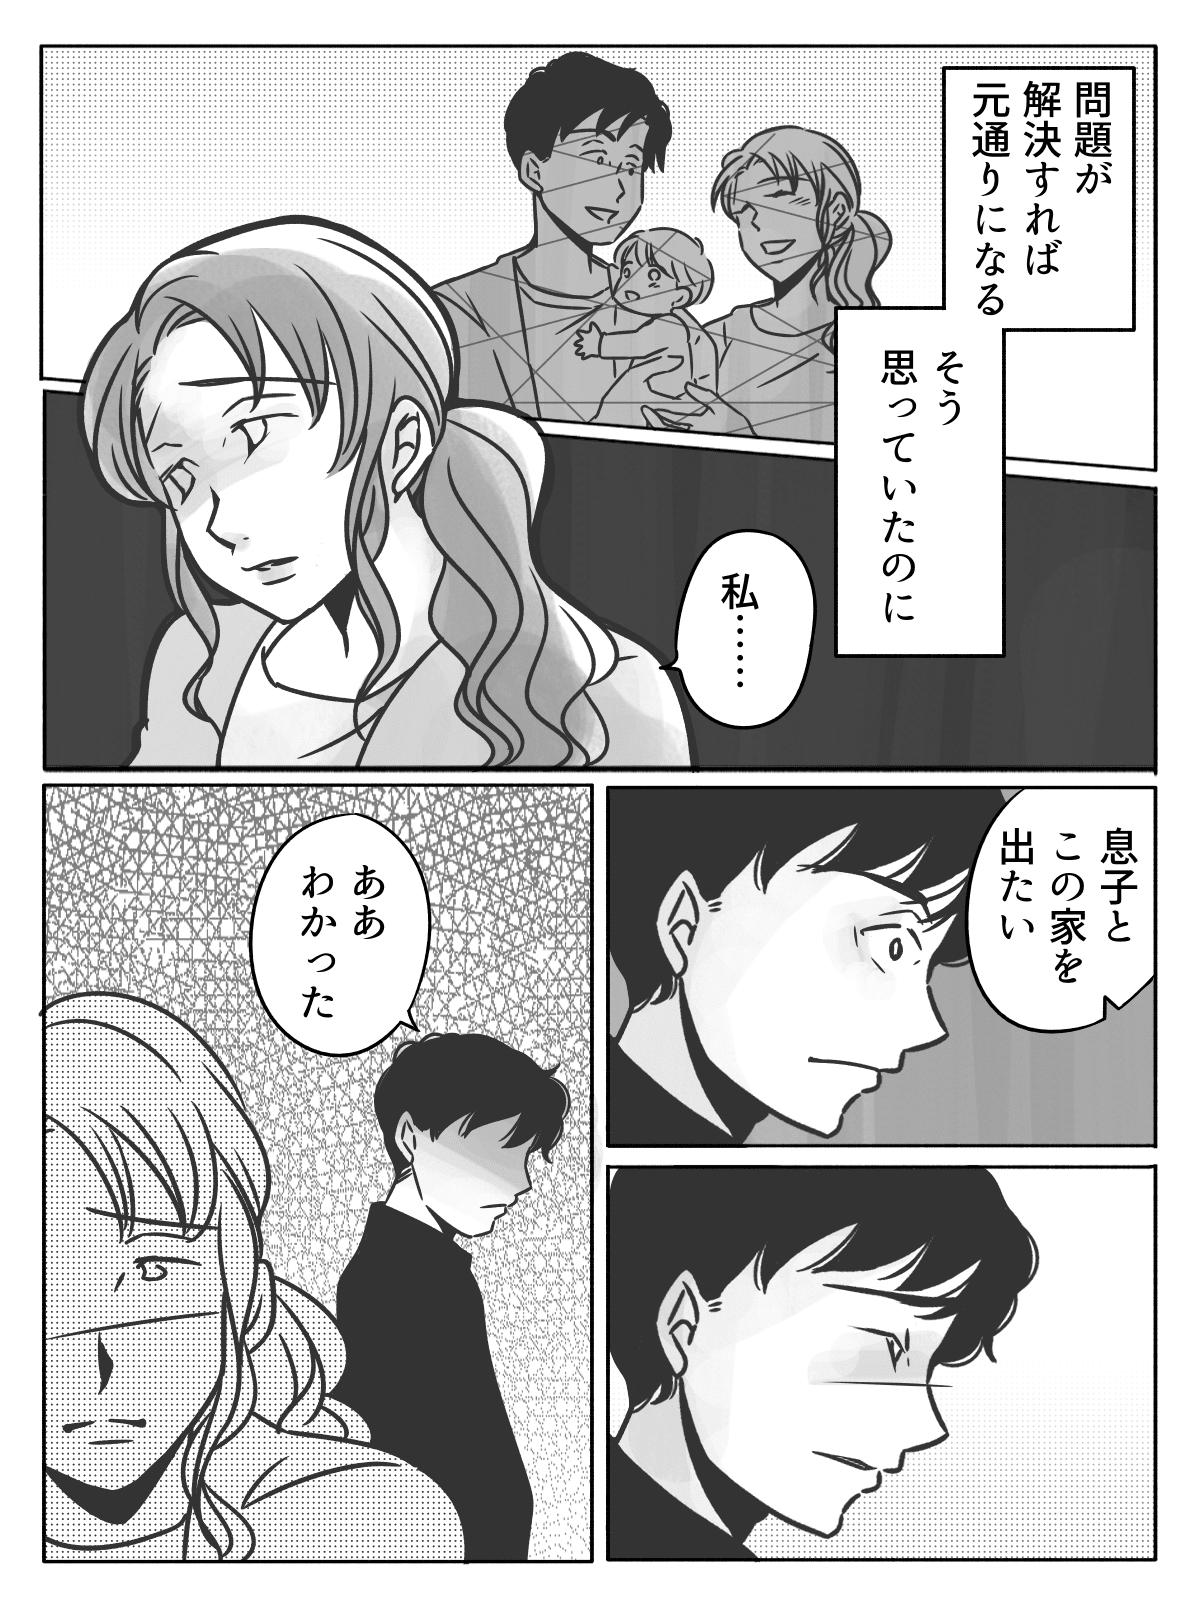 【第5話】夫が不倫!?